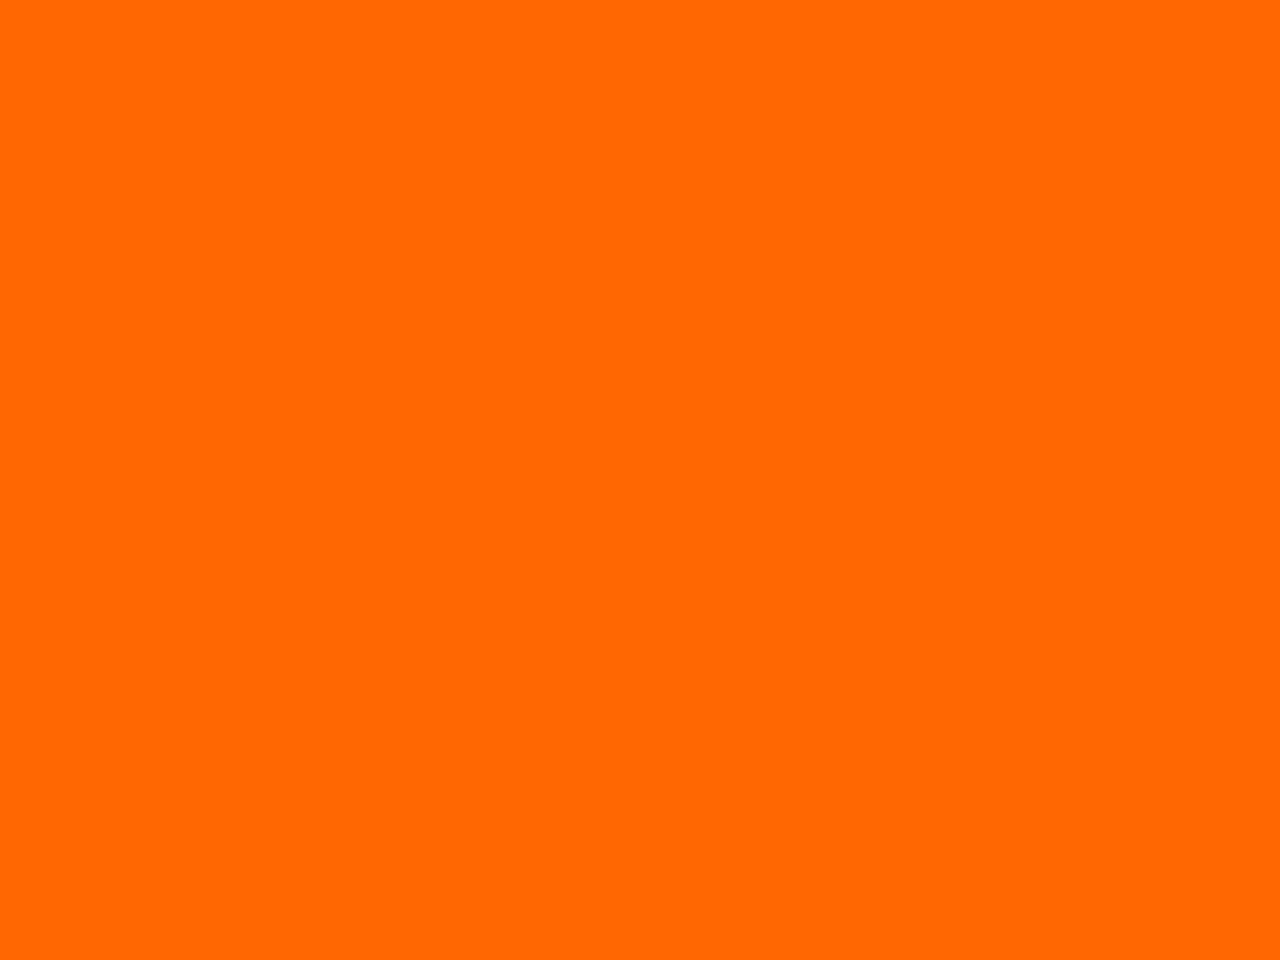 1280x960 Safety Orange Blaze Orange Solid Color Background